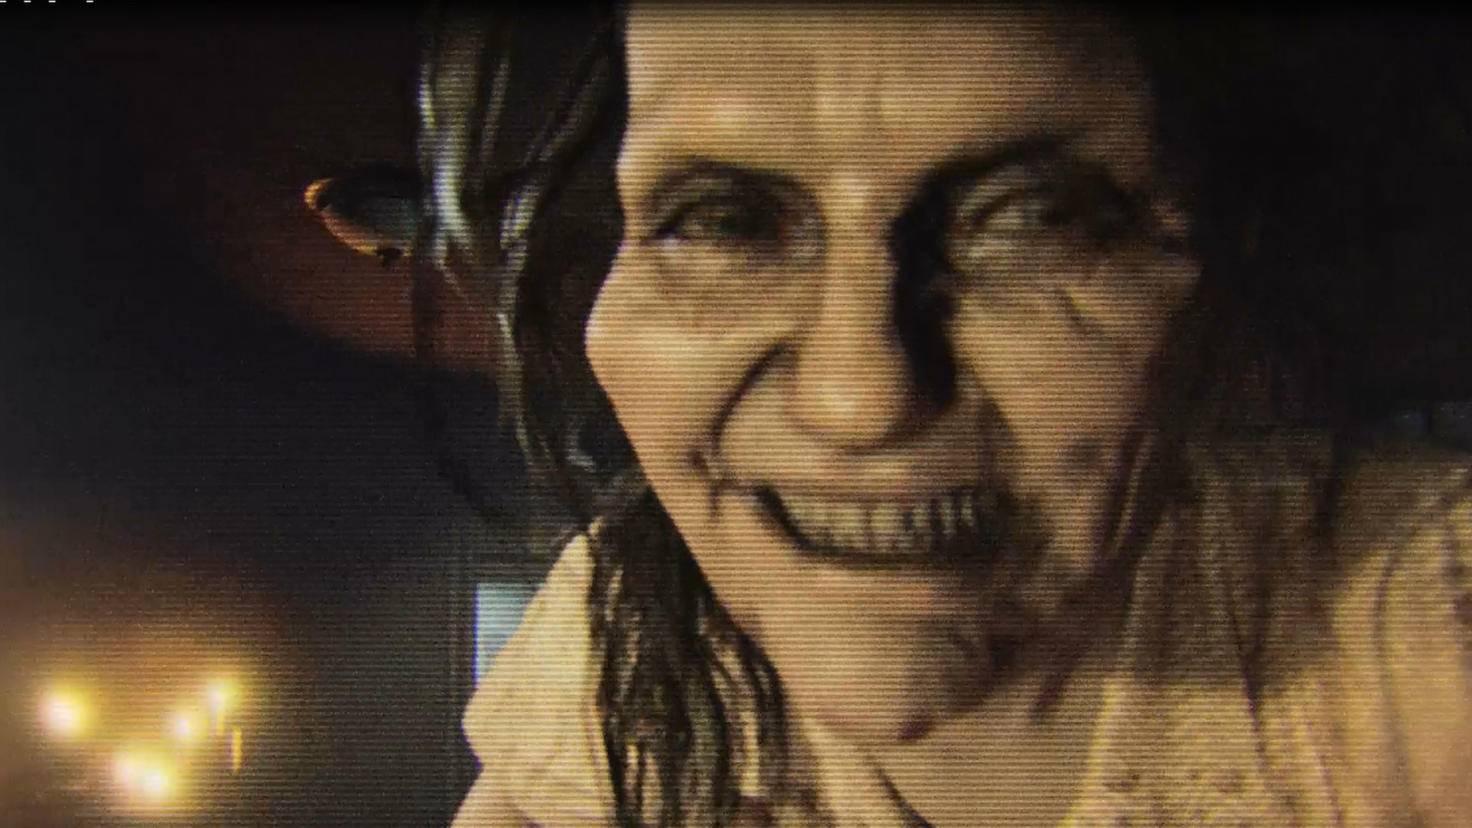 """Im achten Teil von """"Resident Evil"""" muss der Protagonist möglicherweise das Geheimnis hinter der Biowaffe Eveline lösen."""